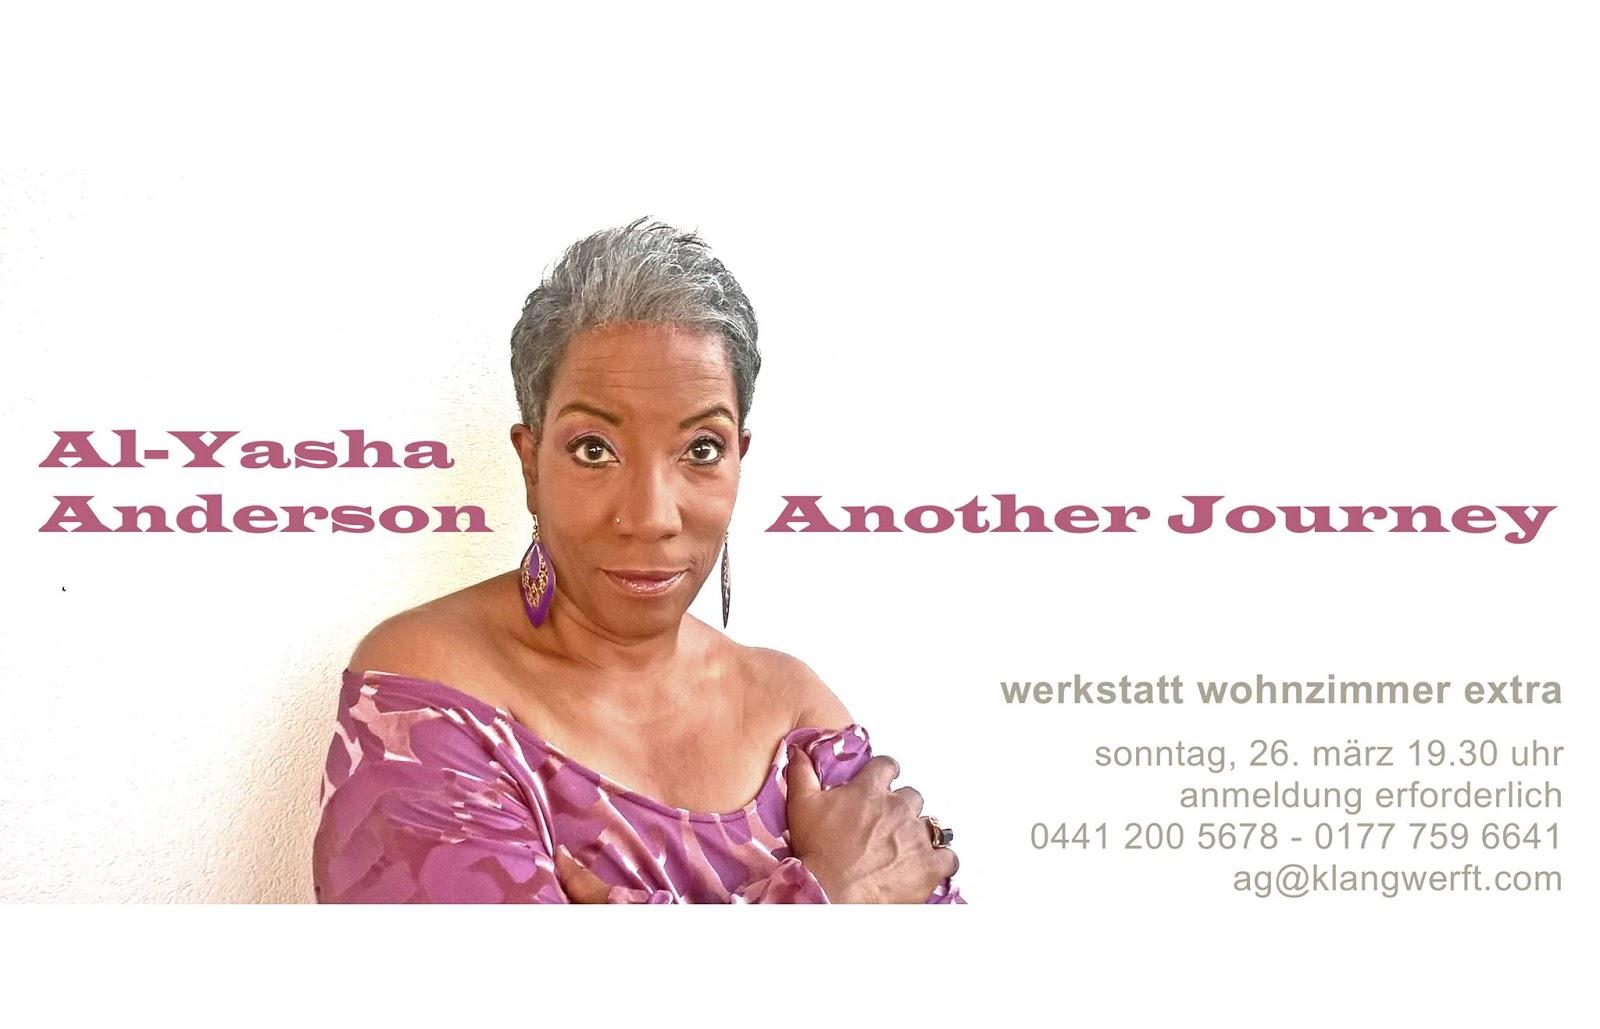 Al Yasha Anderson Ist Wieder In Oldenburg Am Wochenende 25 26 Mrz Gibt Sie